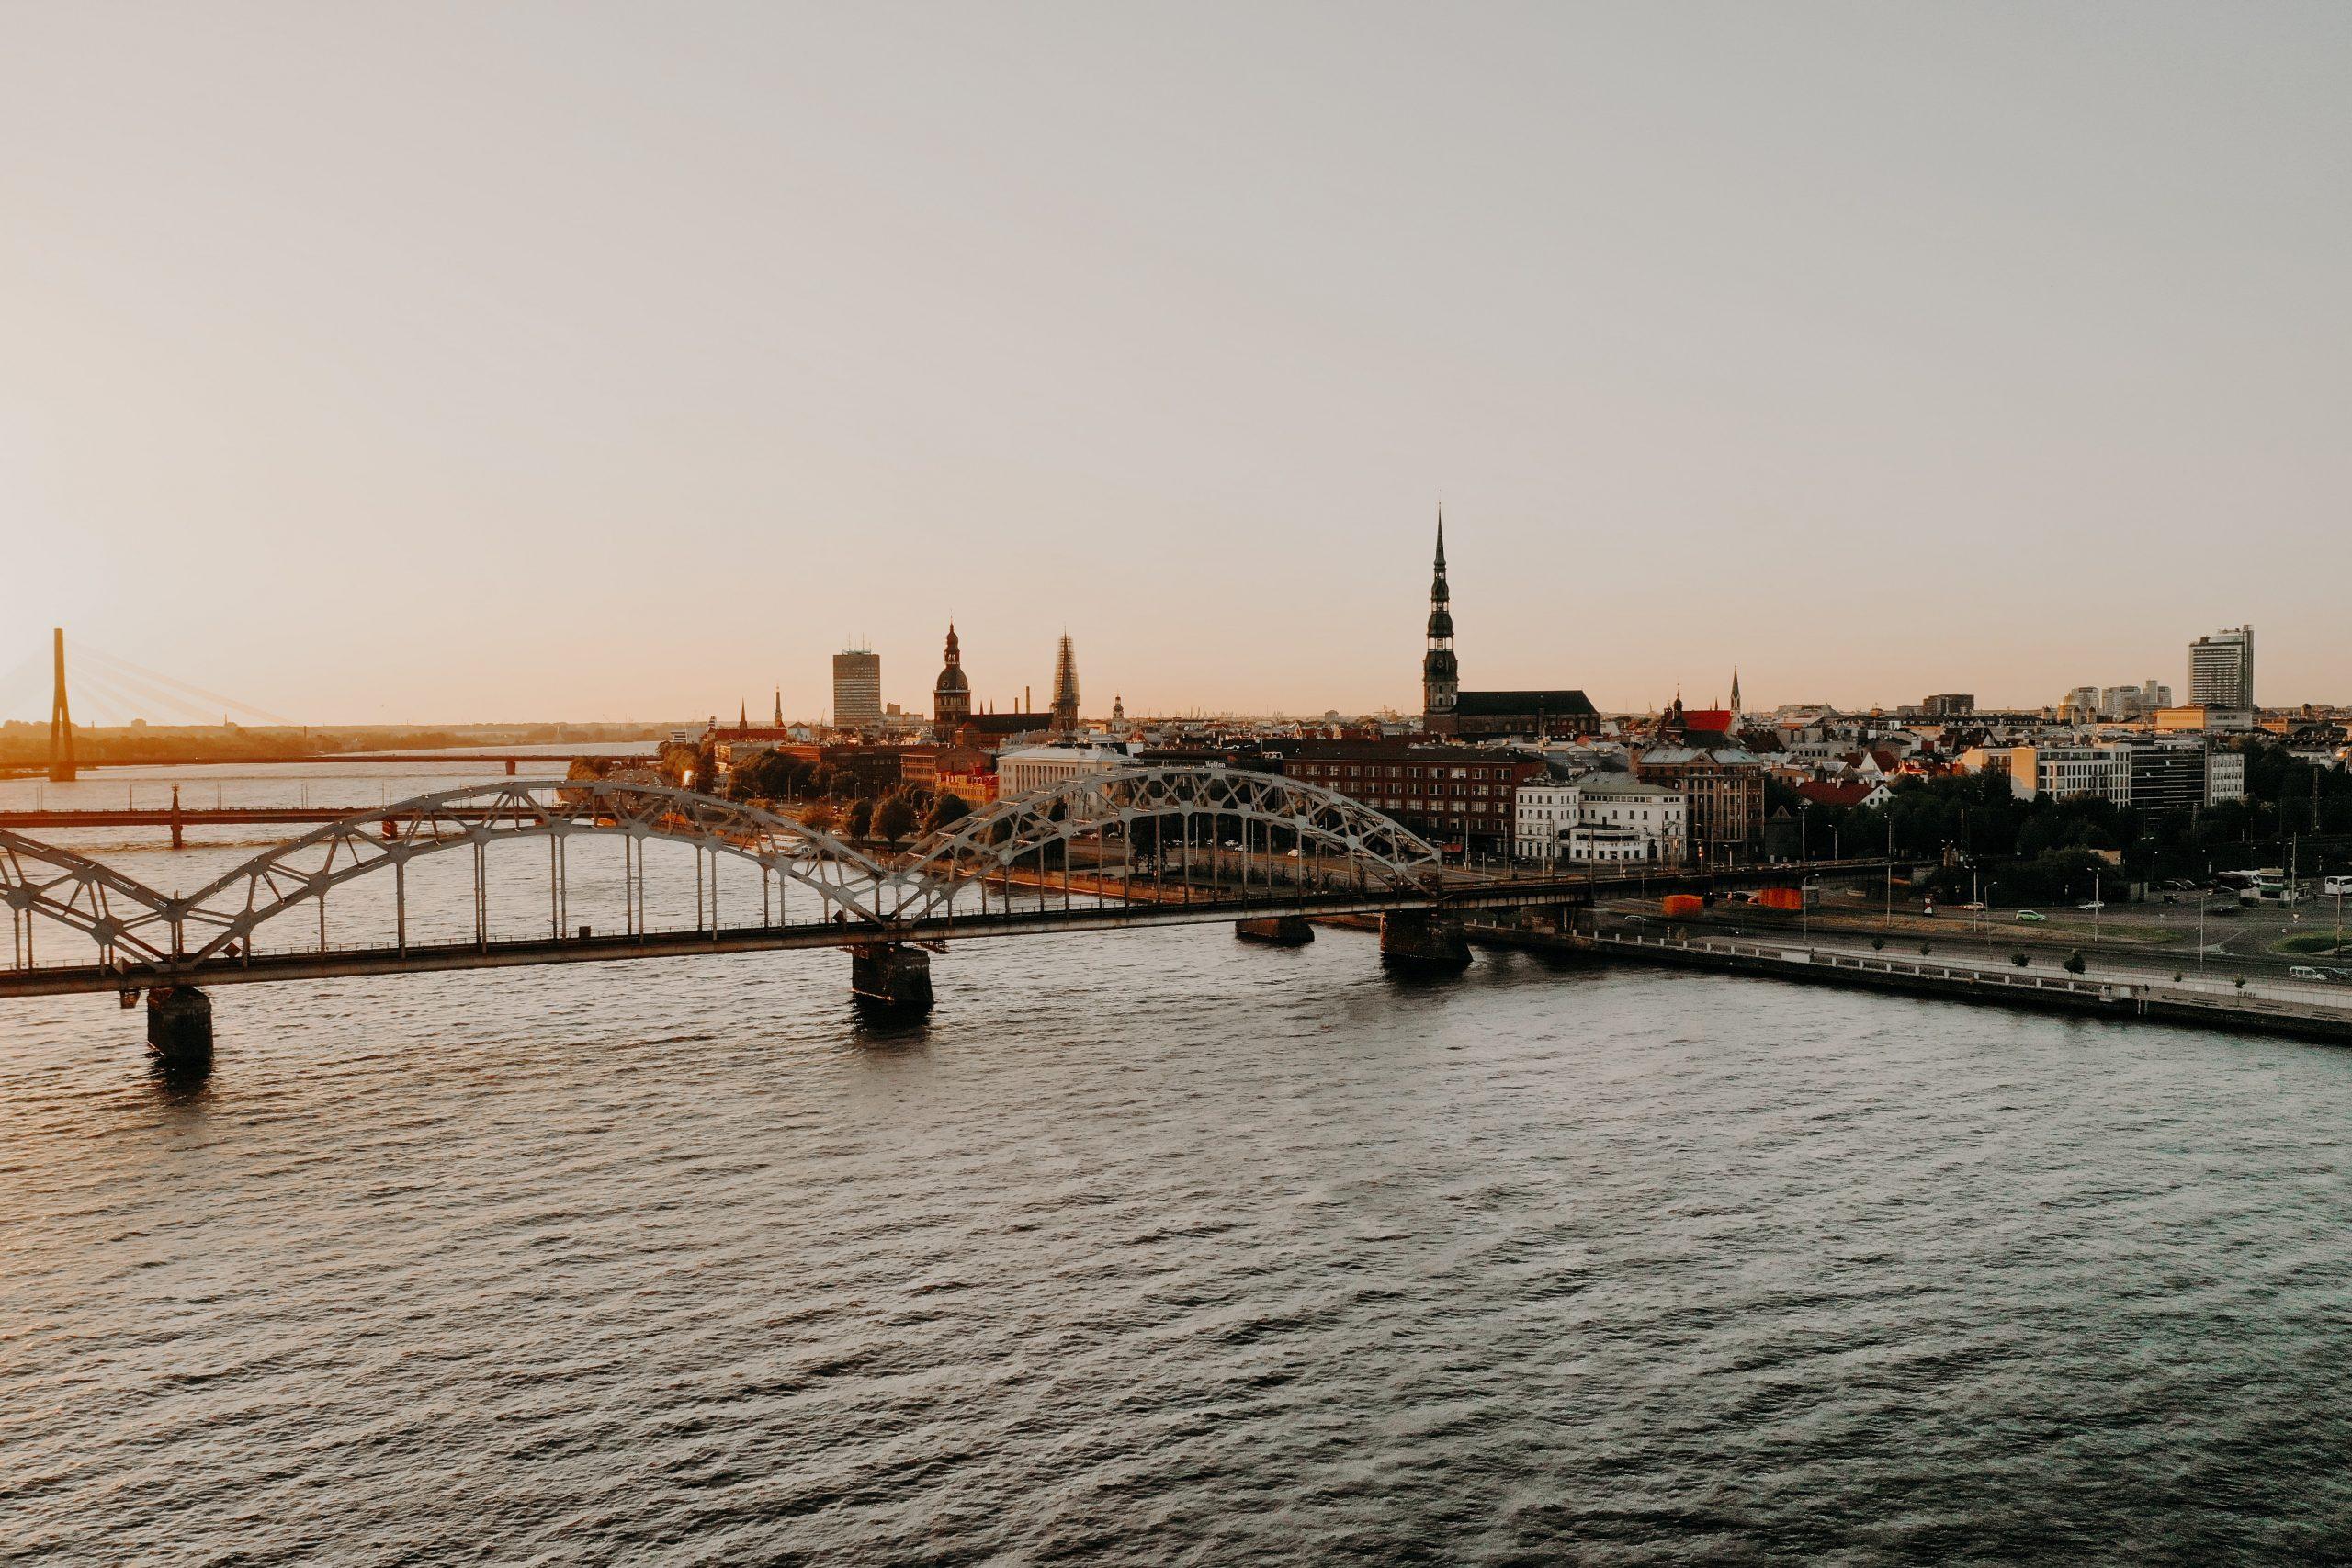 Paisagem da cidade de Riga com o rio e duas pontes